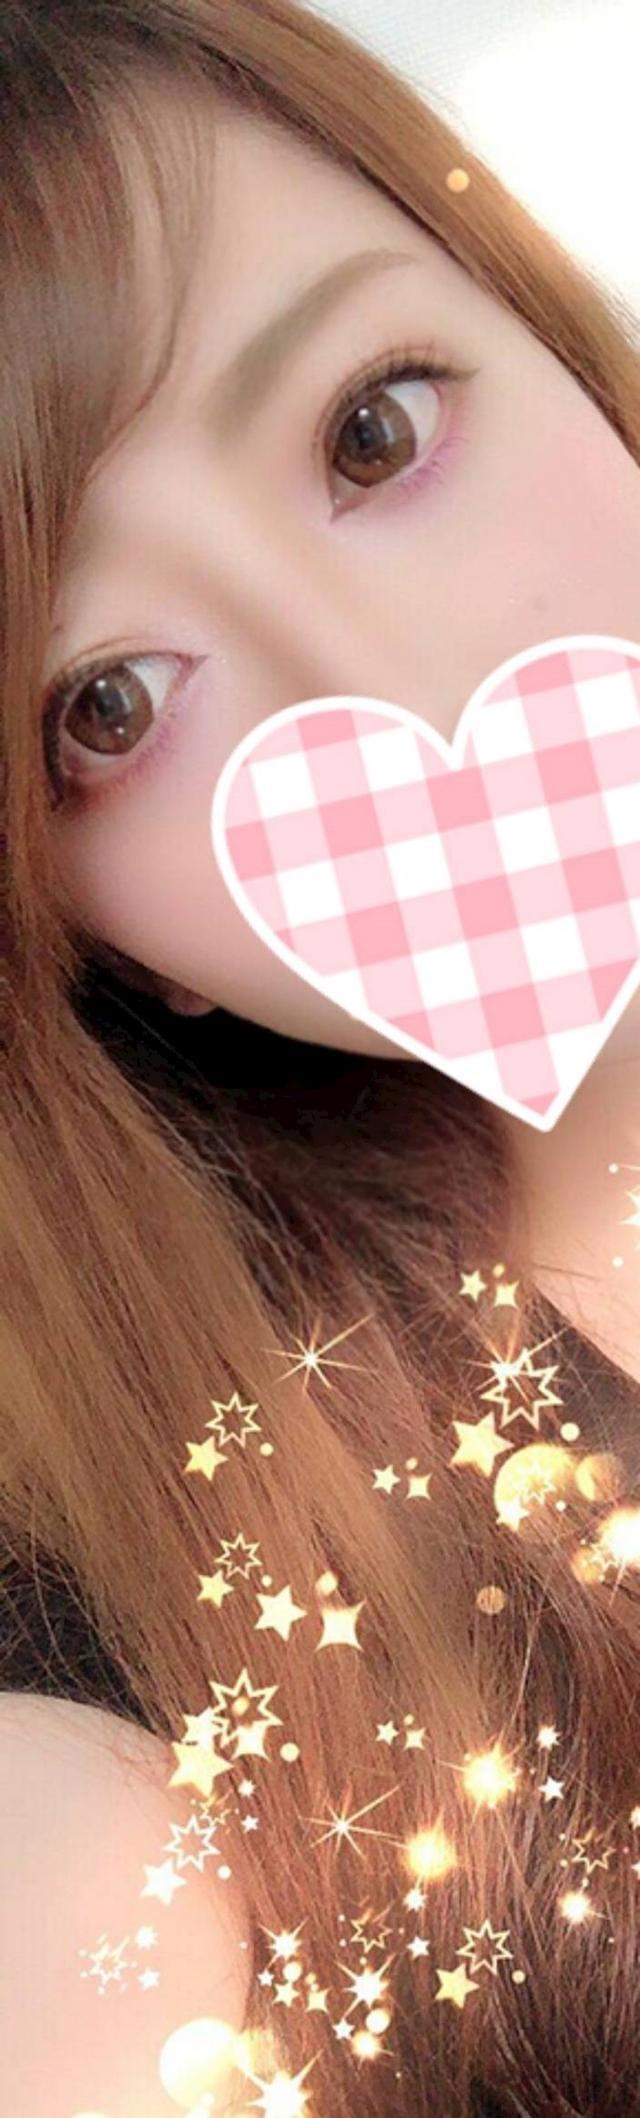 「りあのブログ」09/02(日) 16:45 | りあの写メ・風俗動画